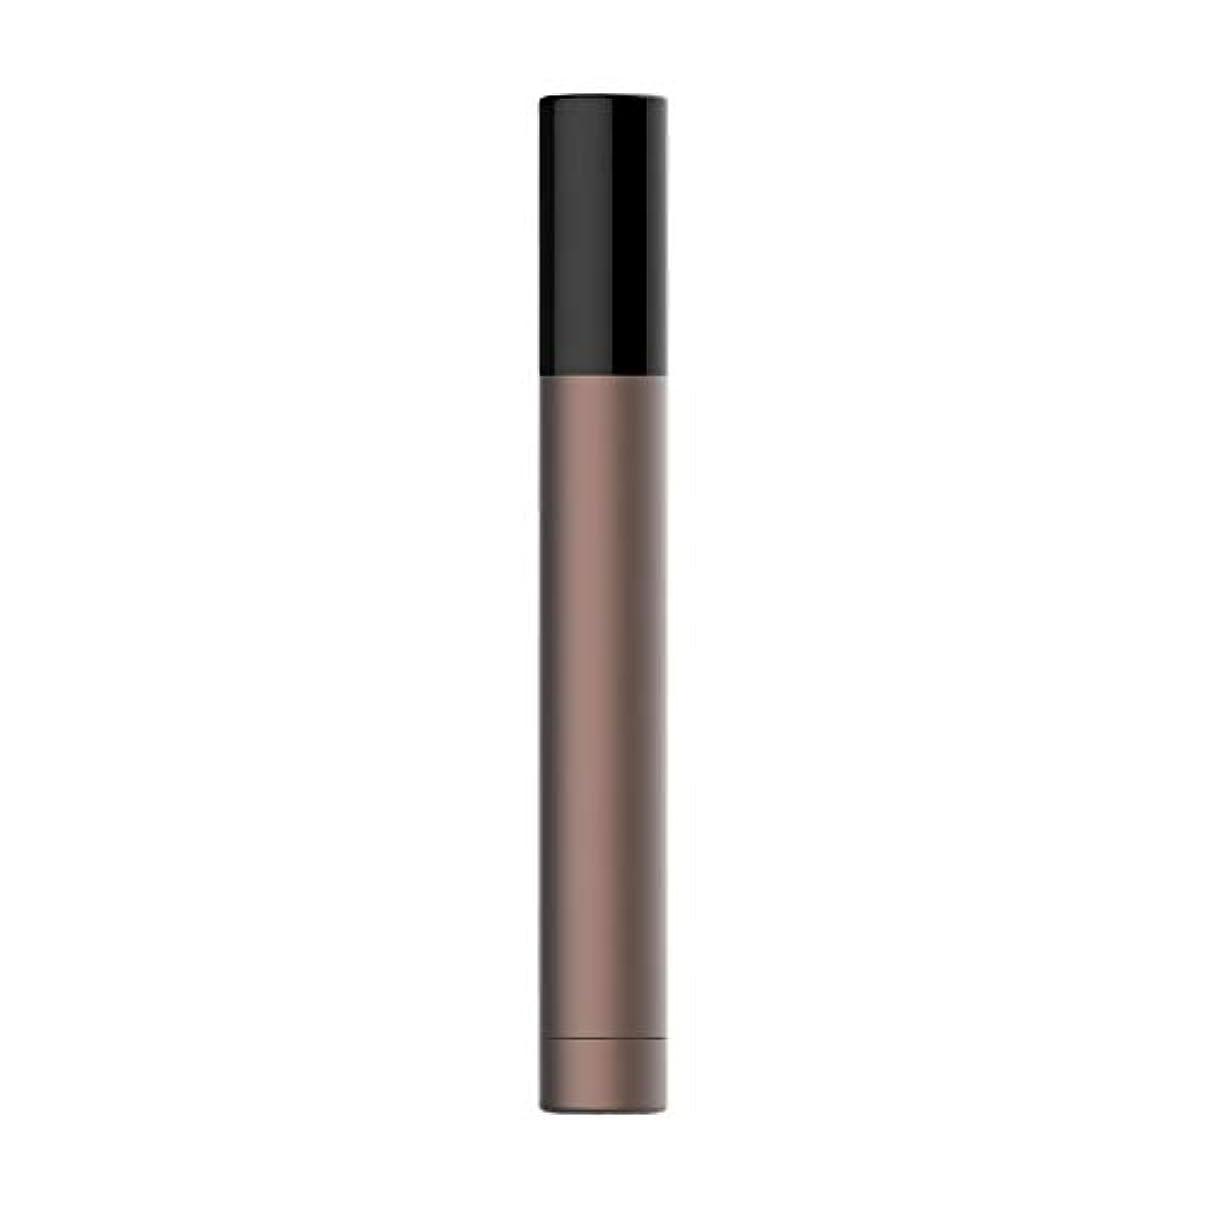 フィードバックスキャンダル列車鼻毛トリマー-密閉防水効果/シングルカッターヘッドシャープで耐久性のある/男性用剃毛鼻毛はさみ/ポータブルデザイン、旅行に便利/ 12.9 * 1.65cm 持つ価値があります